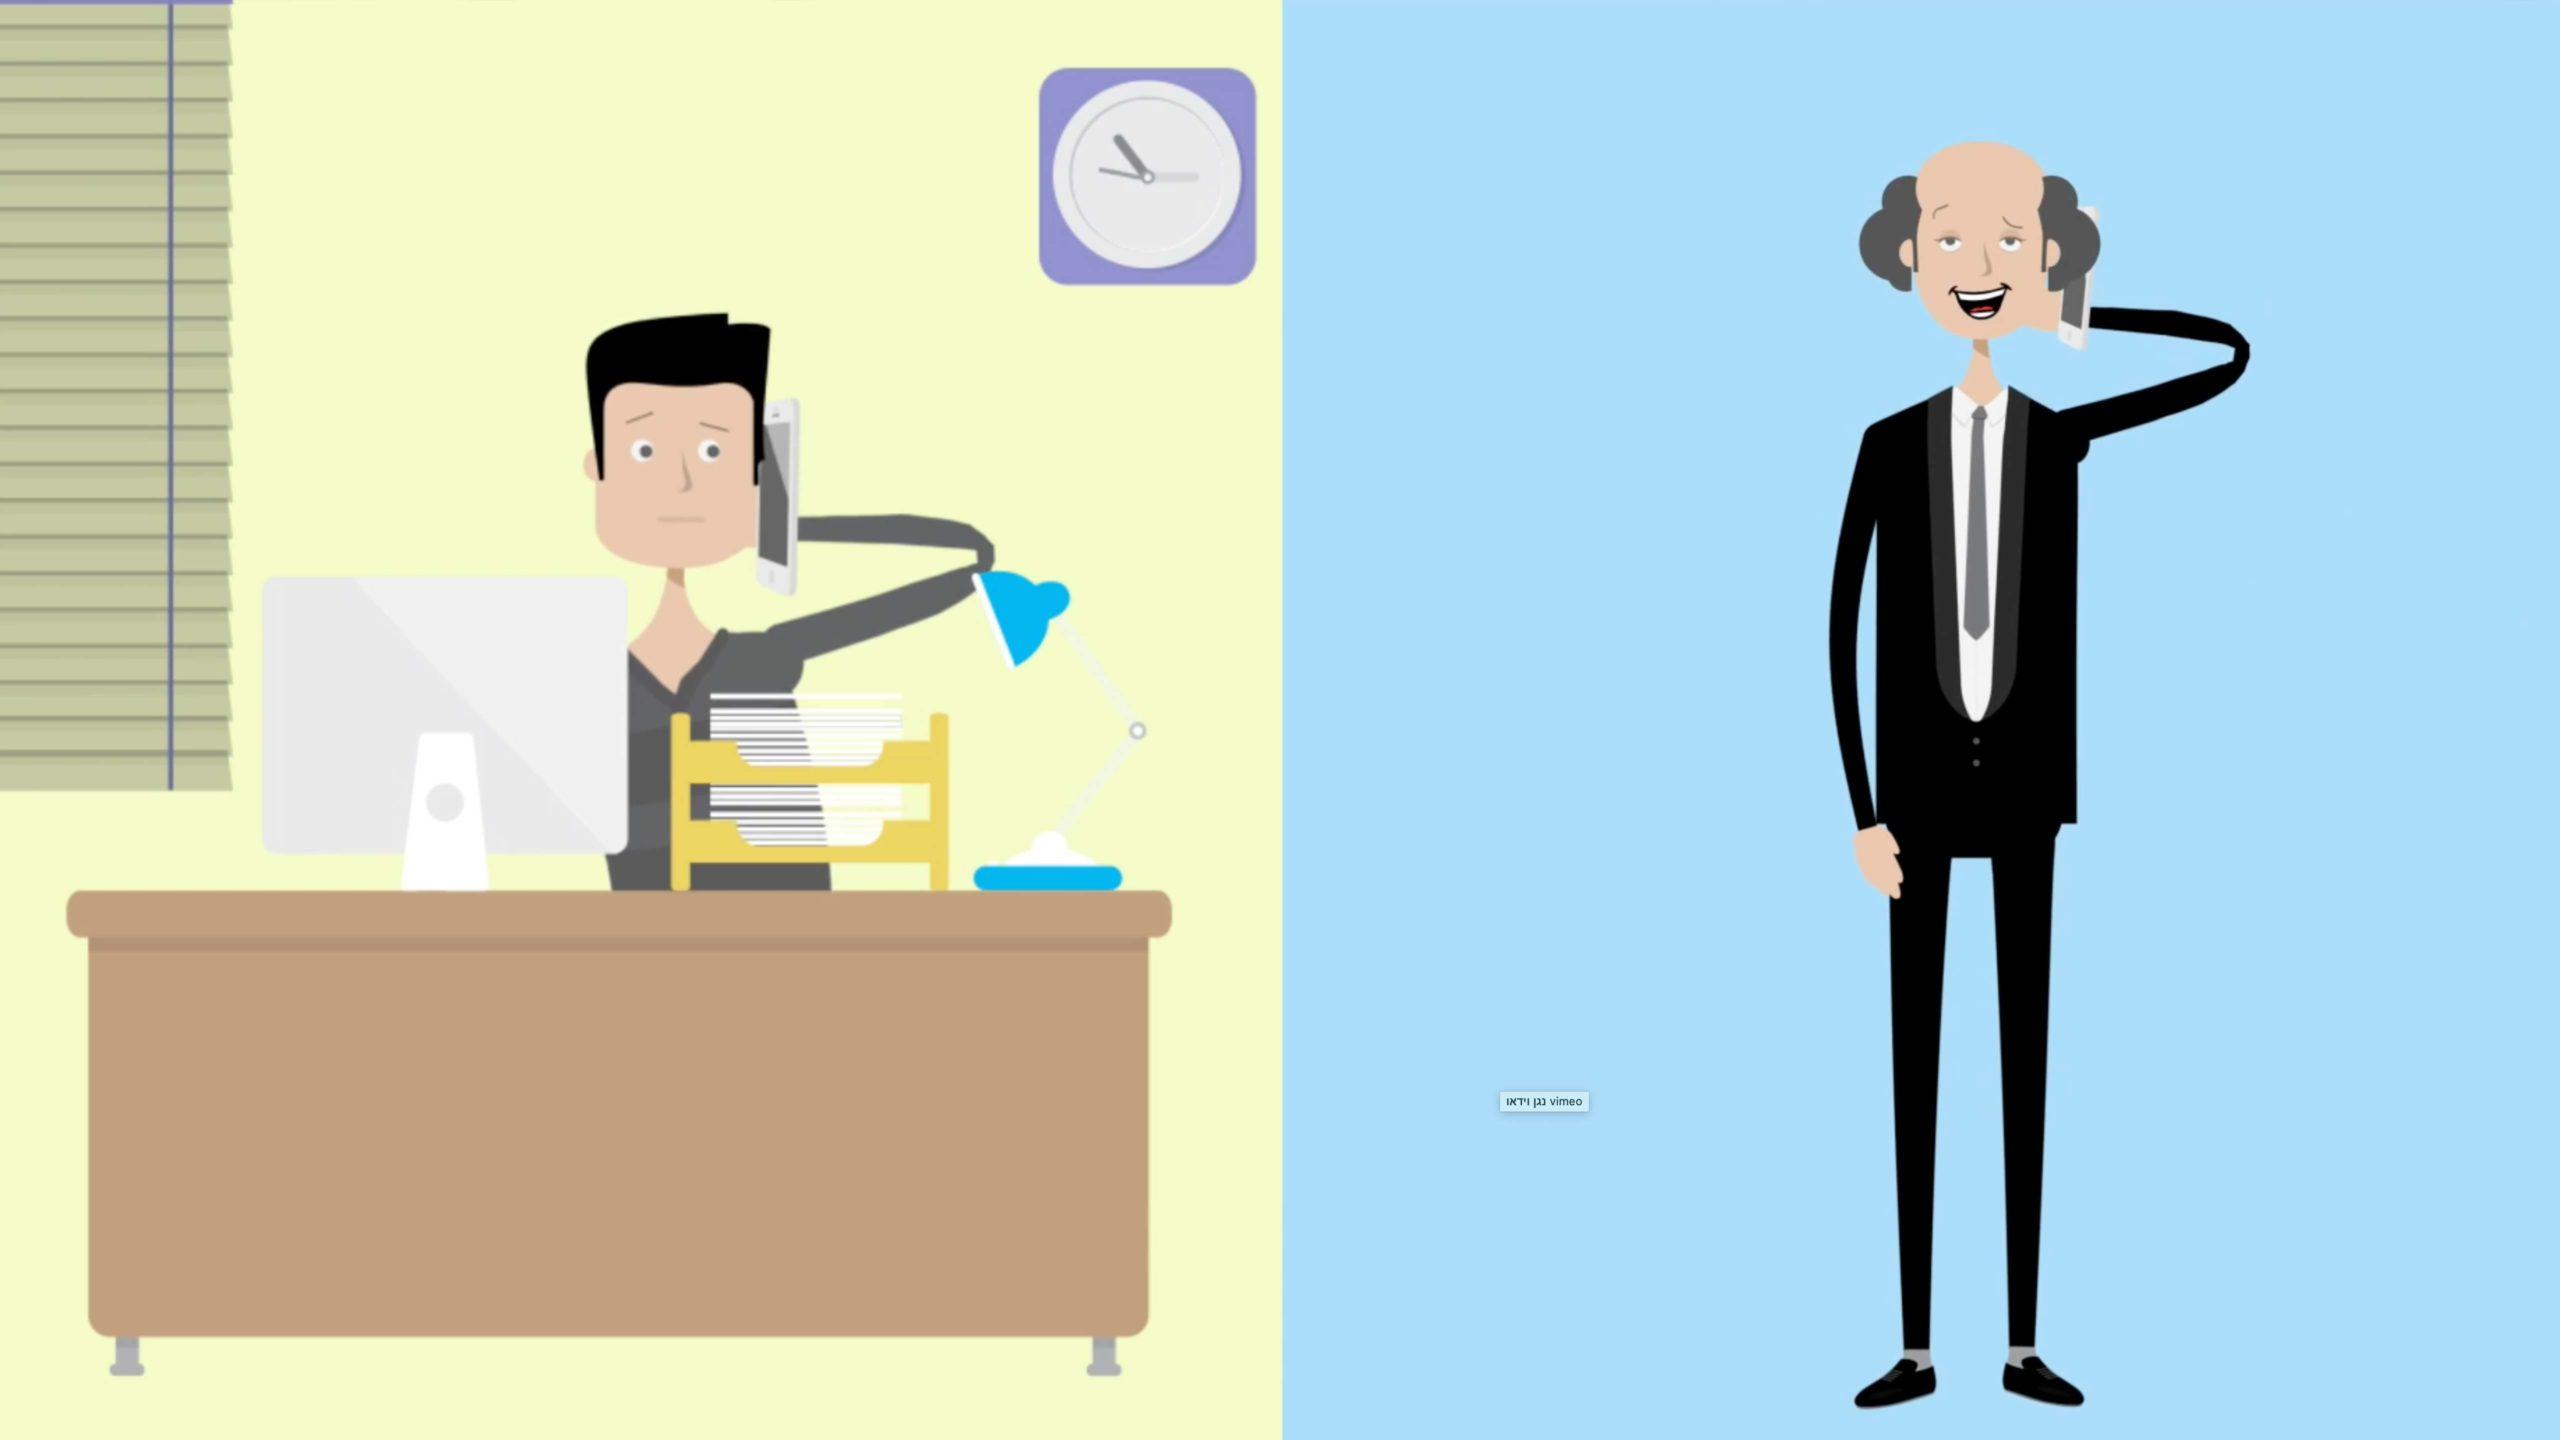 סרטון אנימציה שהופק עבור פרוביט חברה לביטוח